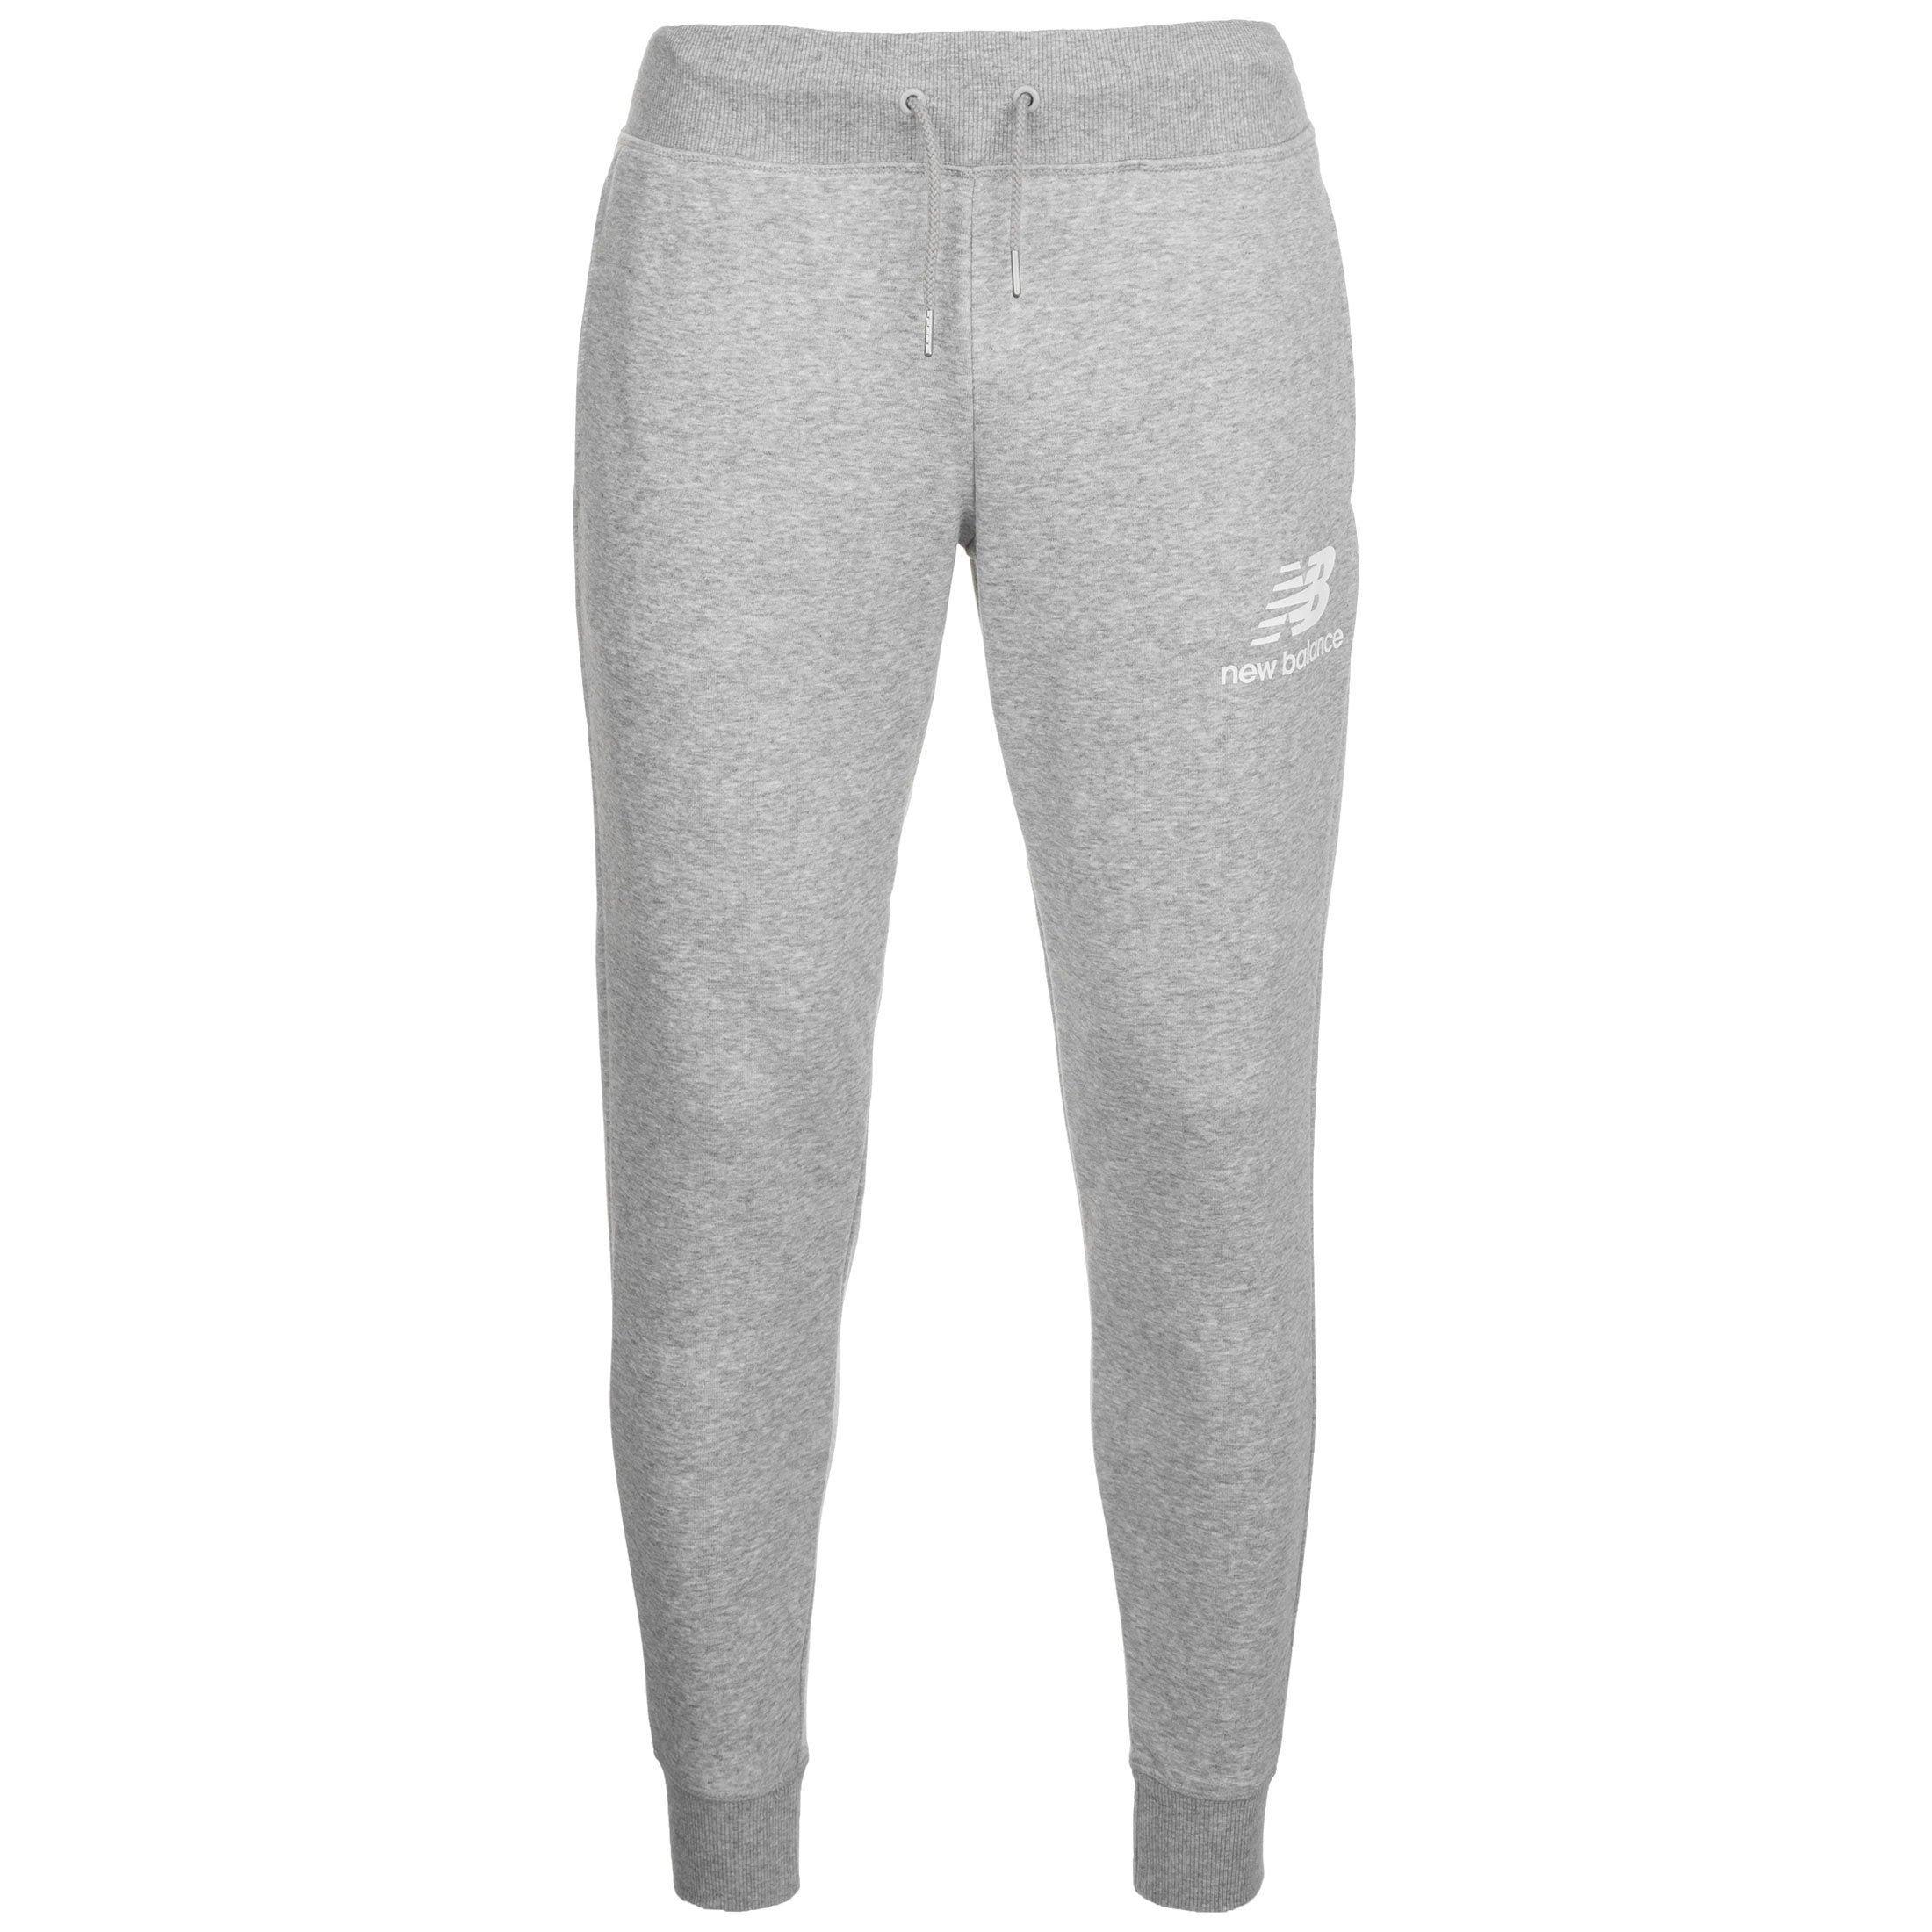 New Balance Jogginghose Essentials Stacked Logo | Sportbekleidung > Sporthosen > Jogginghosen | Grau | New Balance